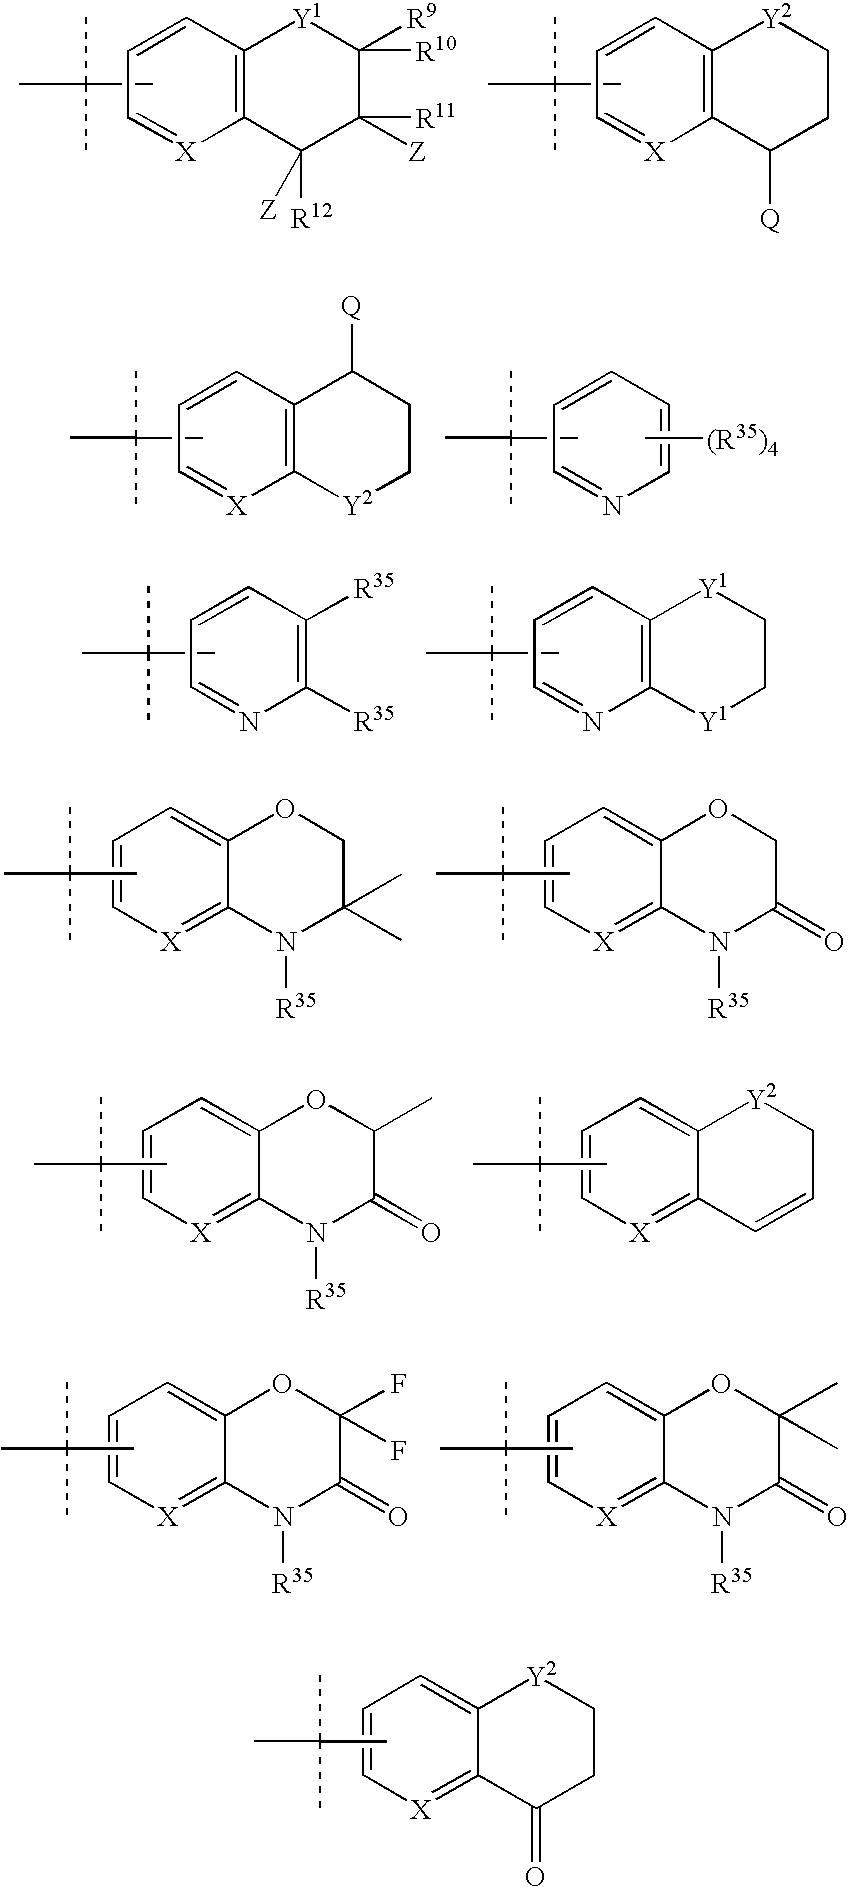 Figure US07642351-20100105-C00016